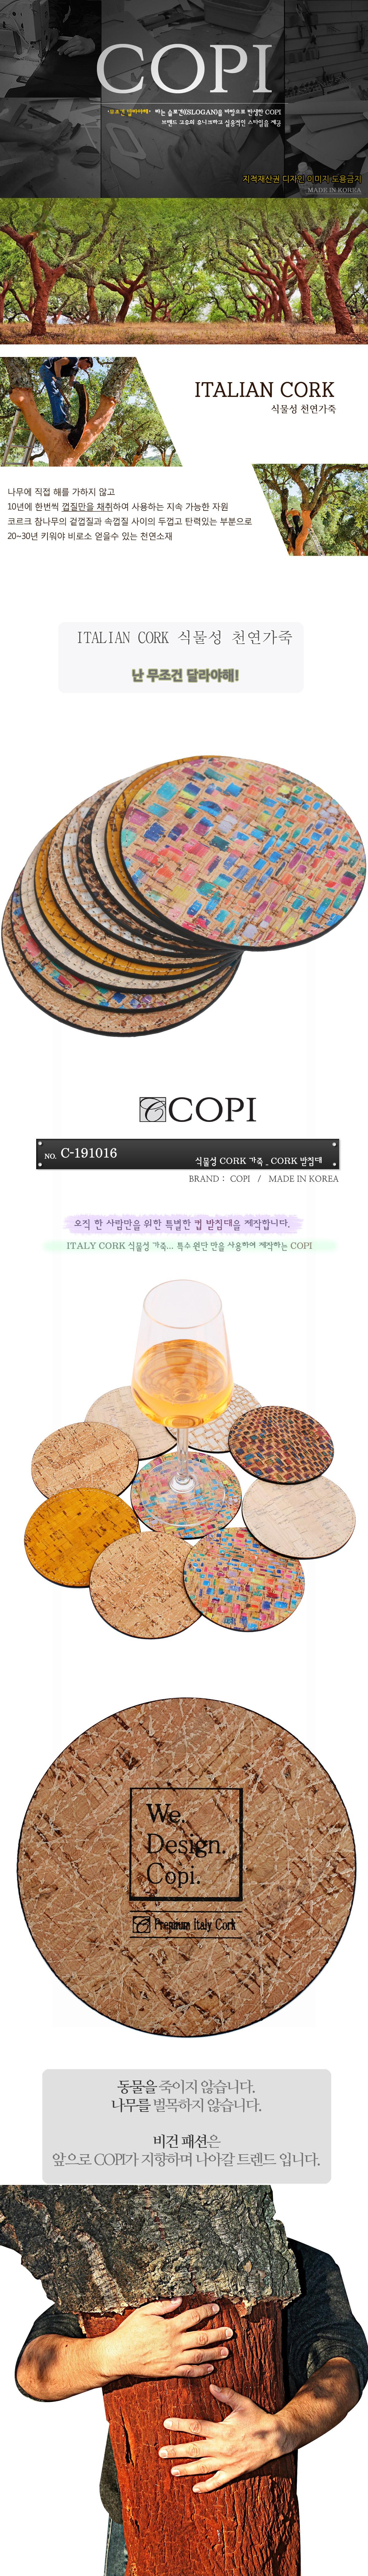 CORK,코르크,copi,코피,컵받침,와인받침